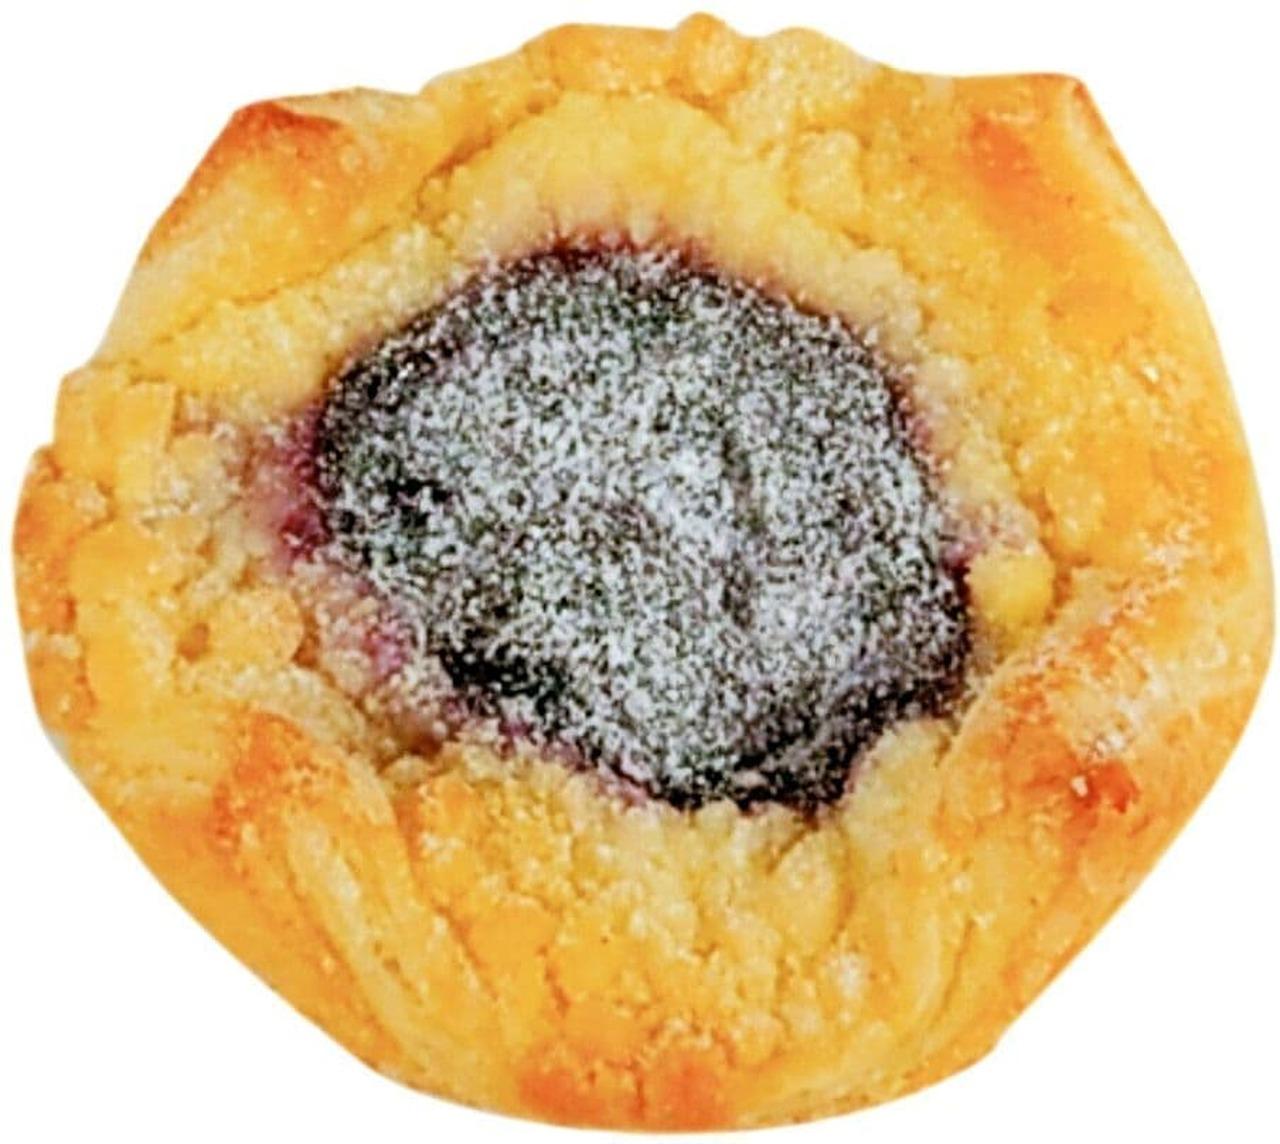 セブン-イレブン「7P ブルーベリー&チーズクリームパイ」